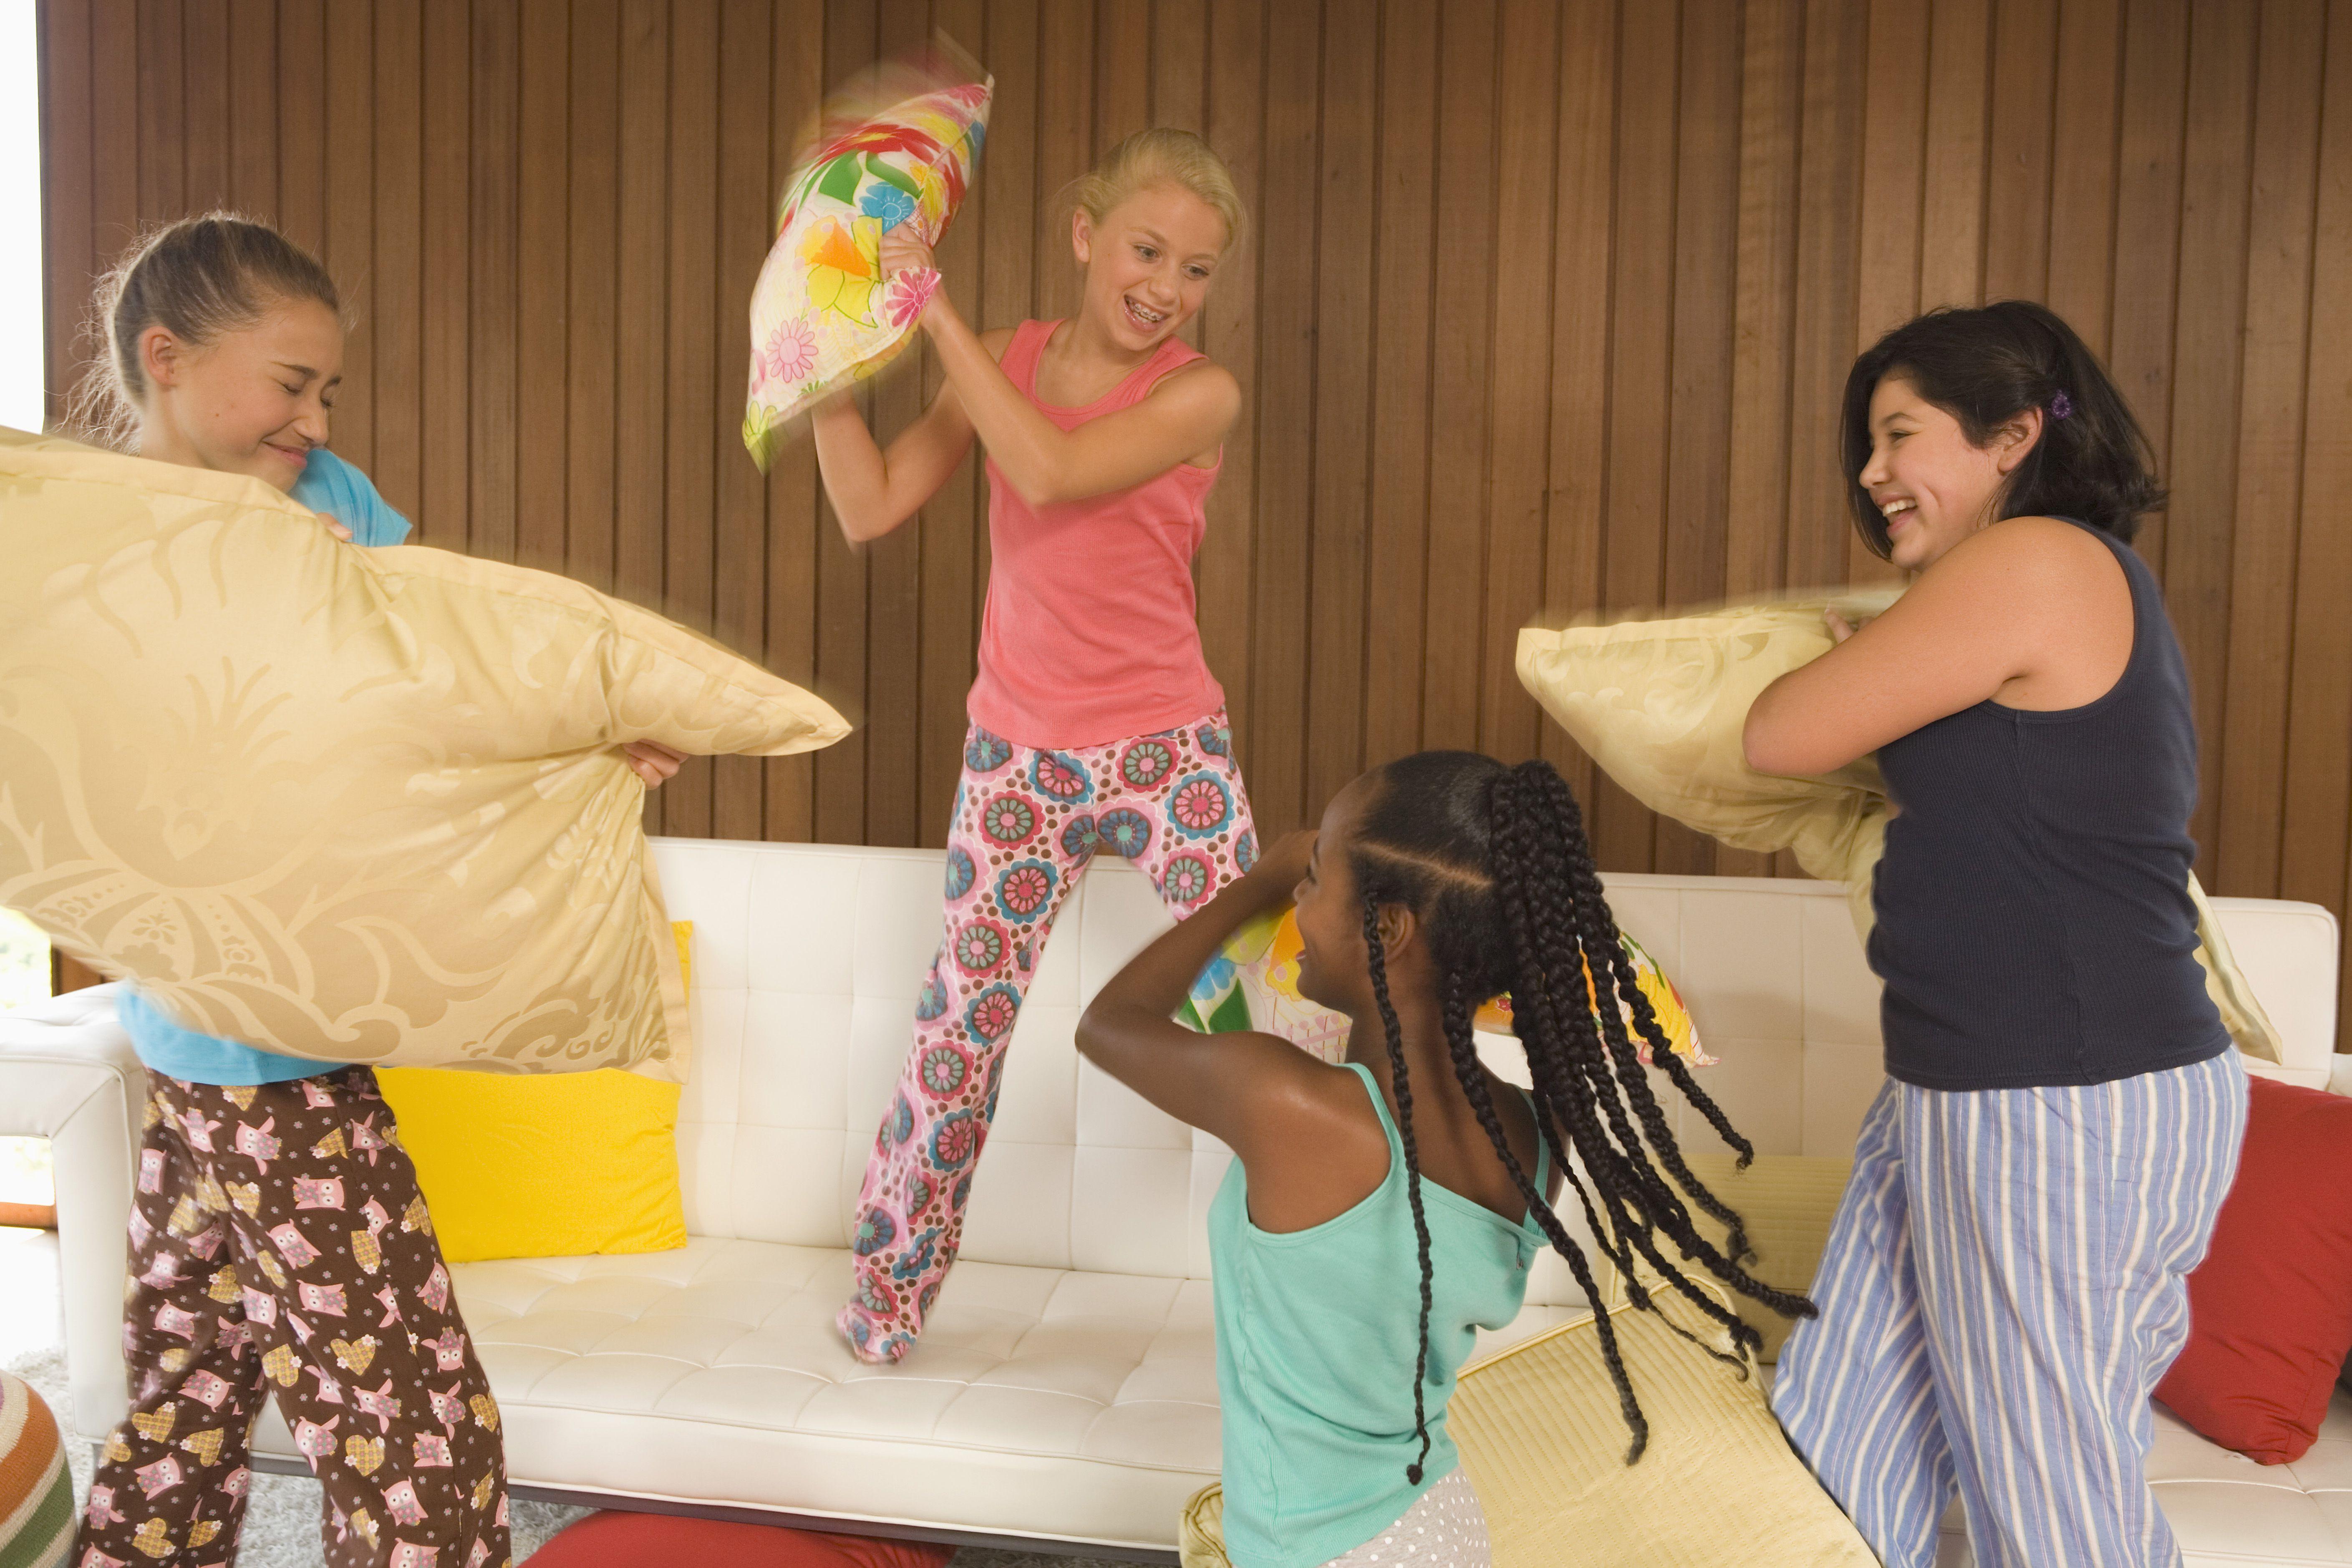 Pre-teen girls having a pillow fight